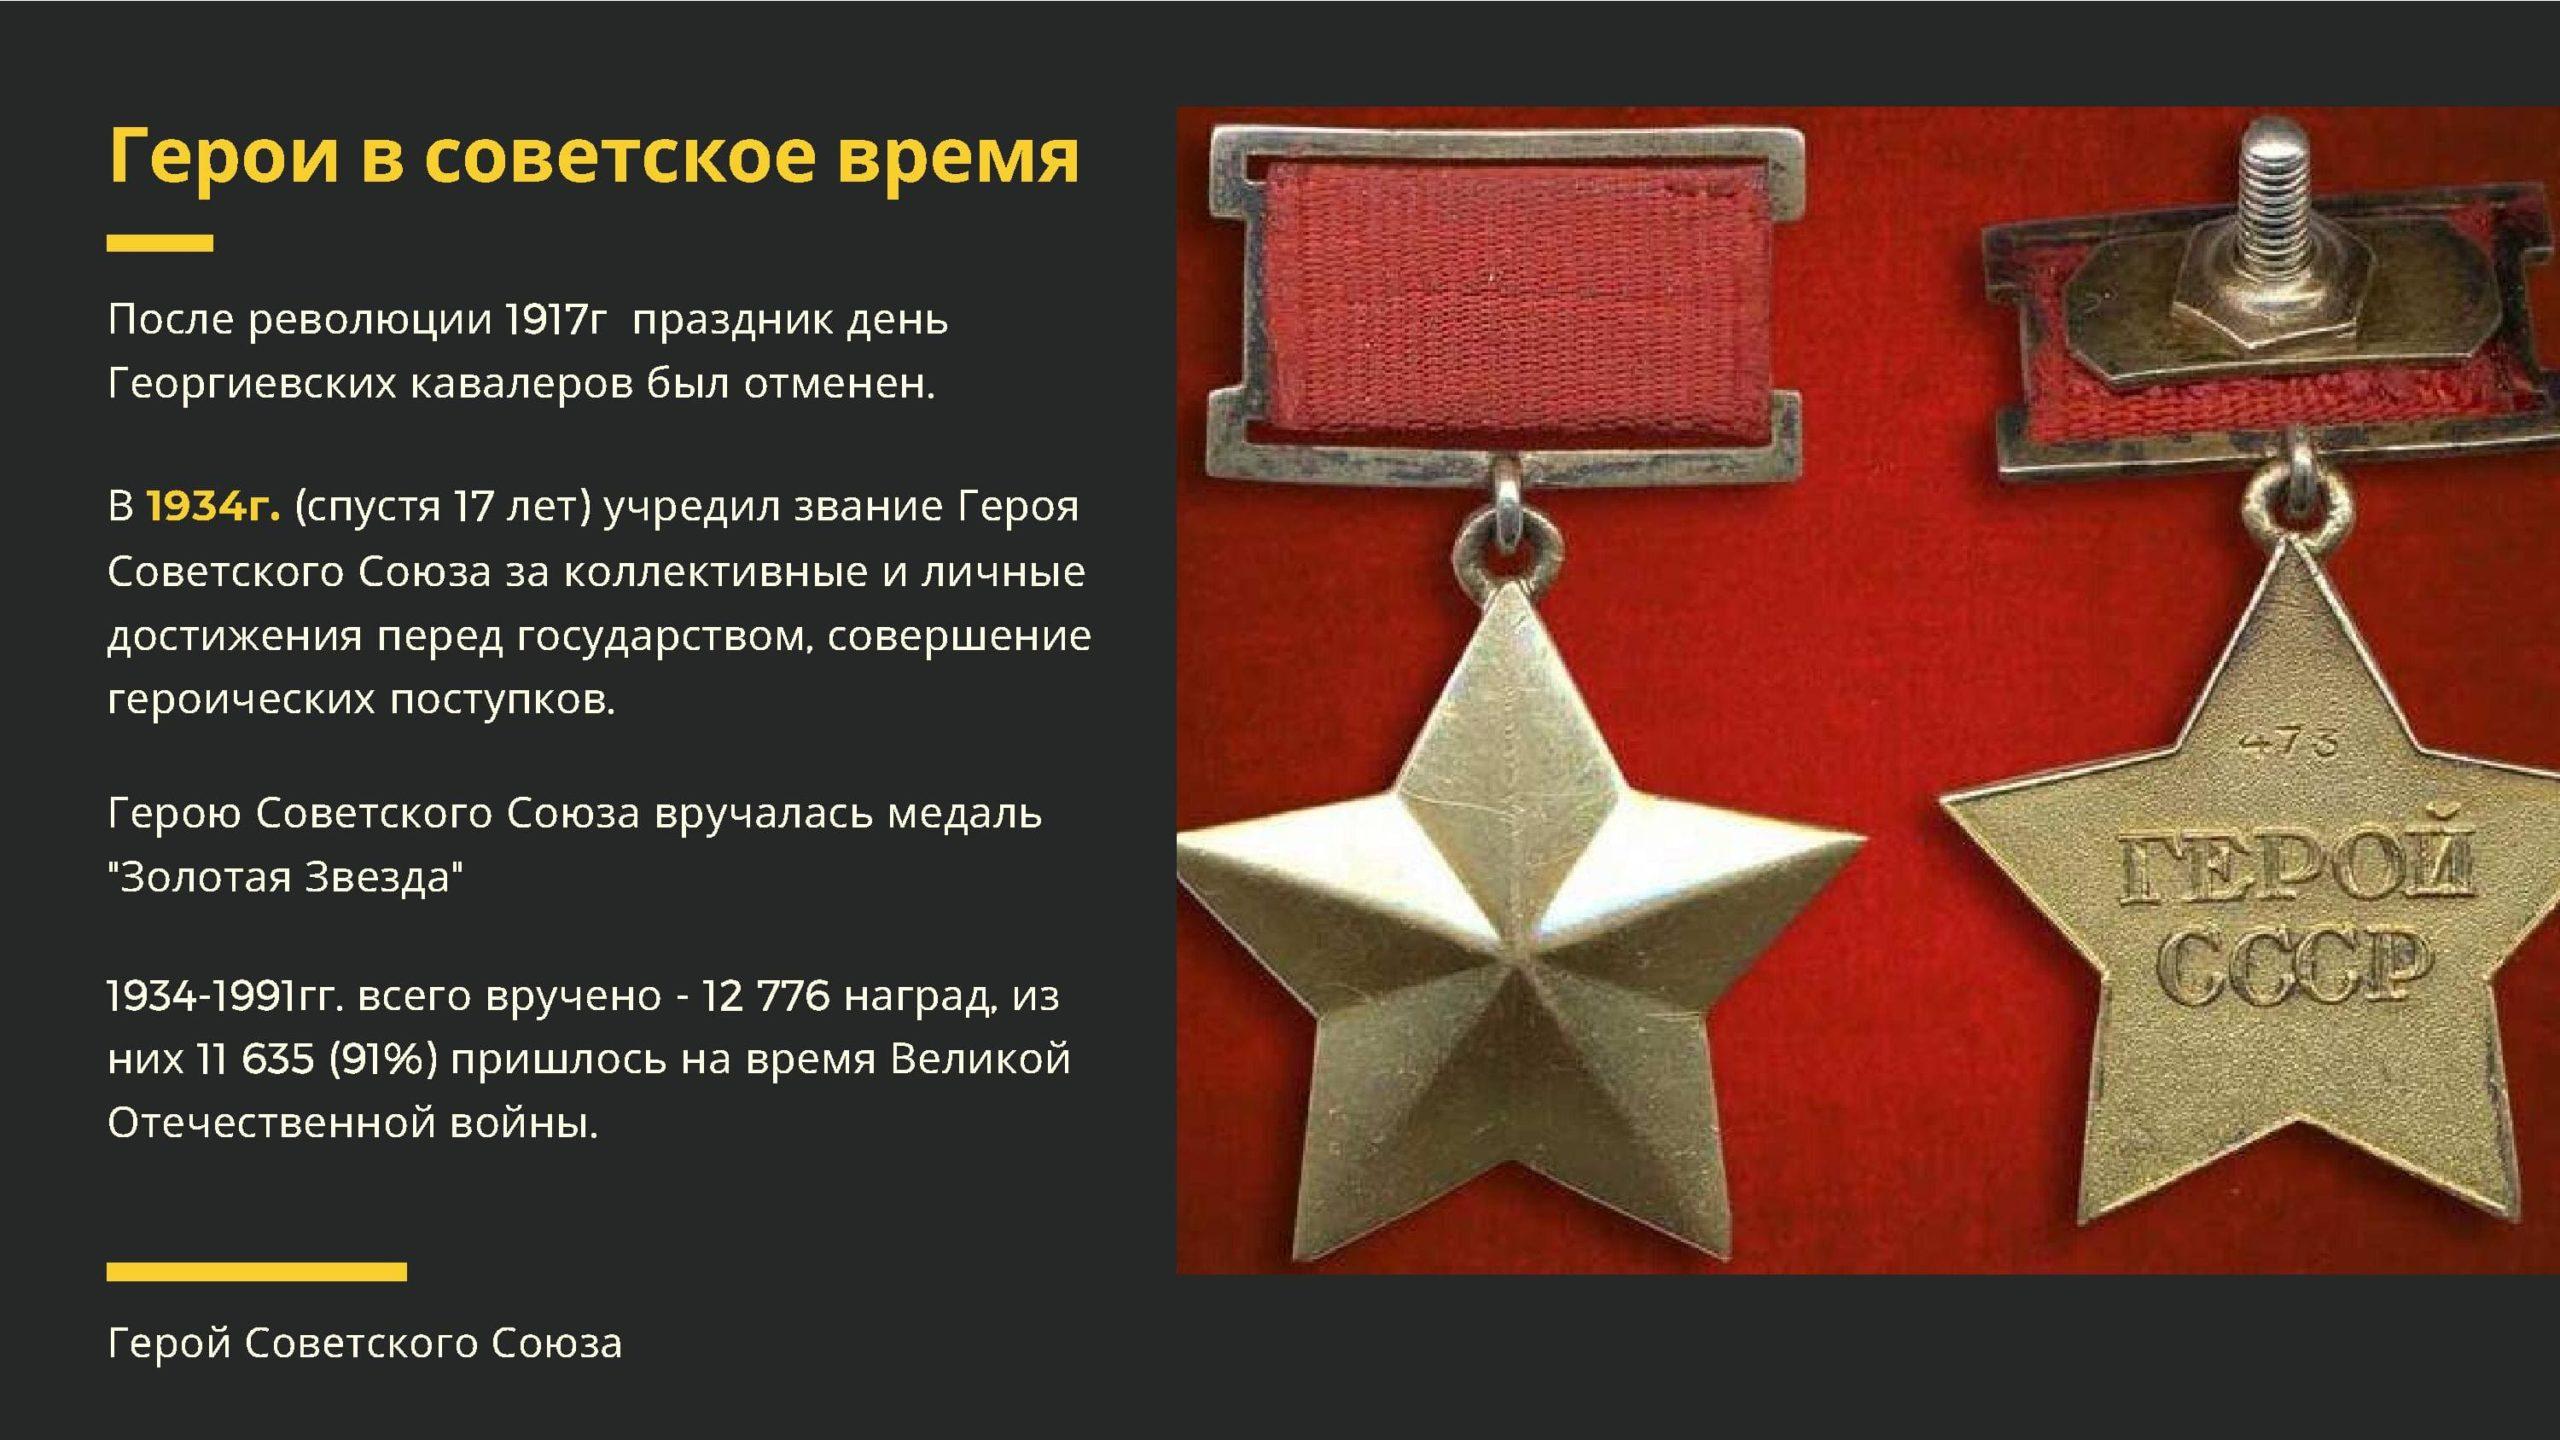 Герои в советское время